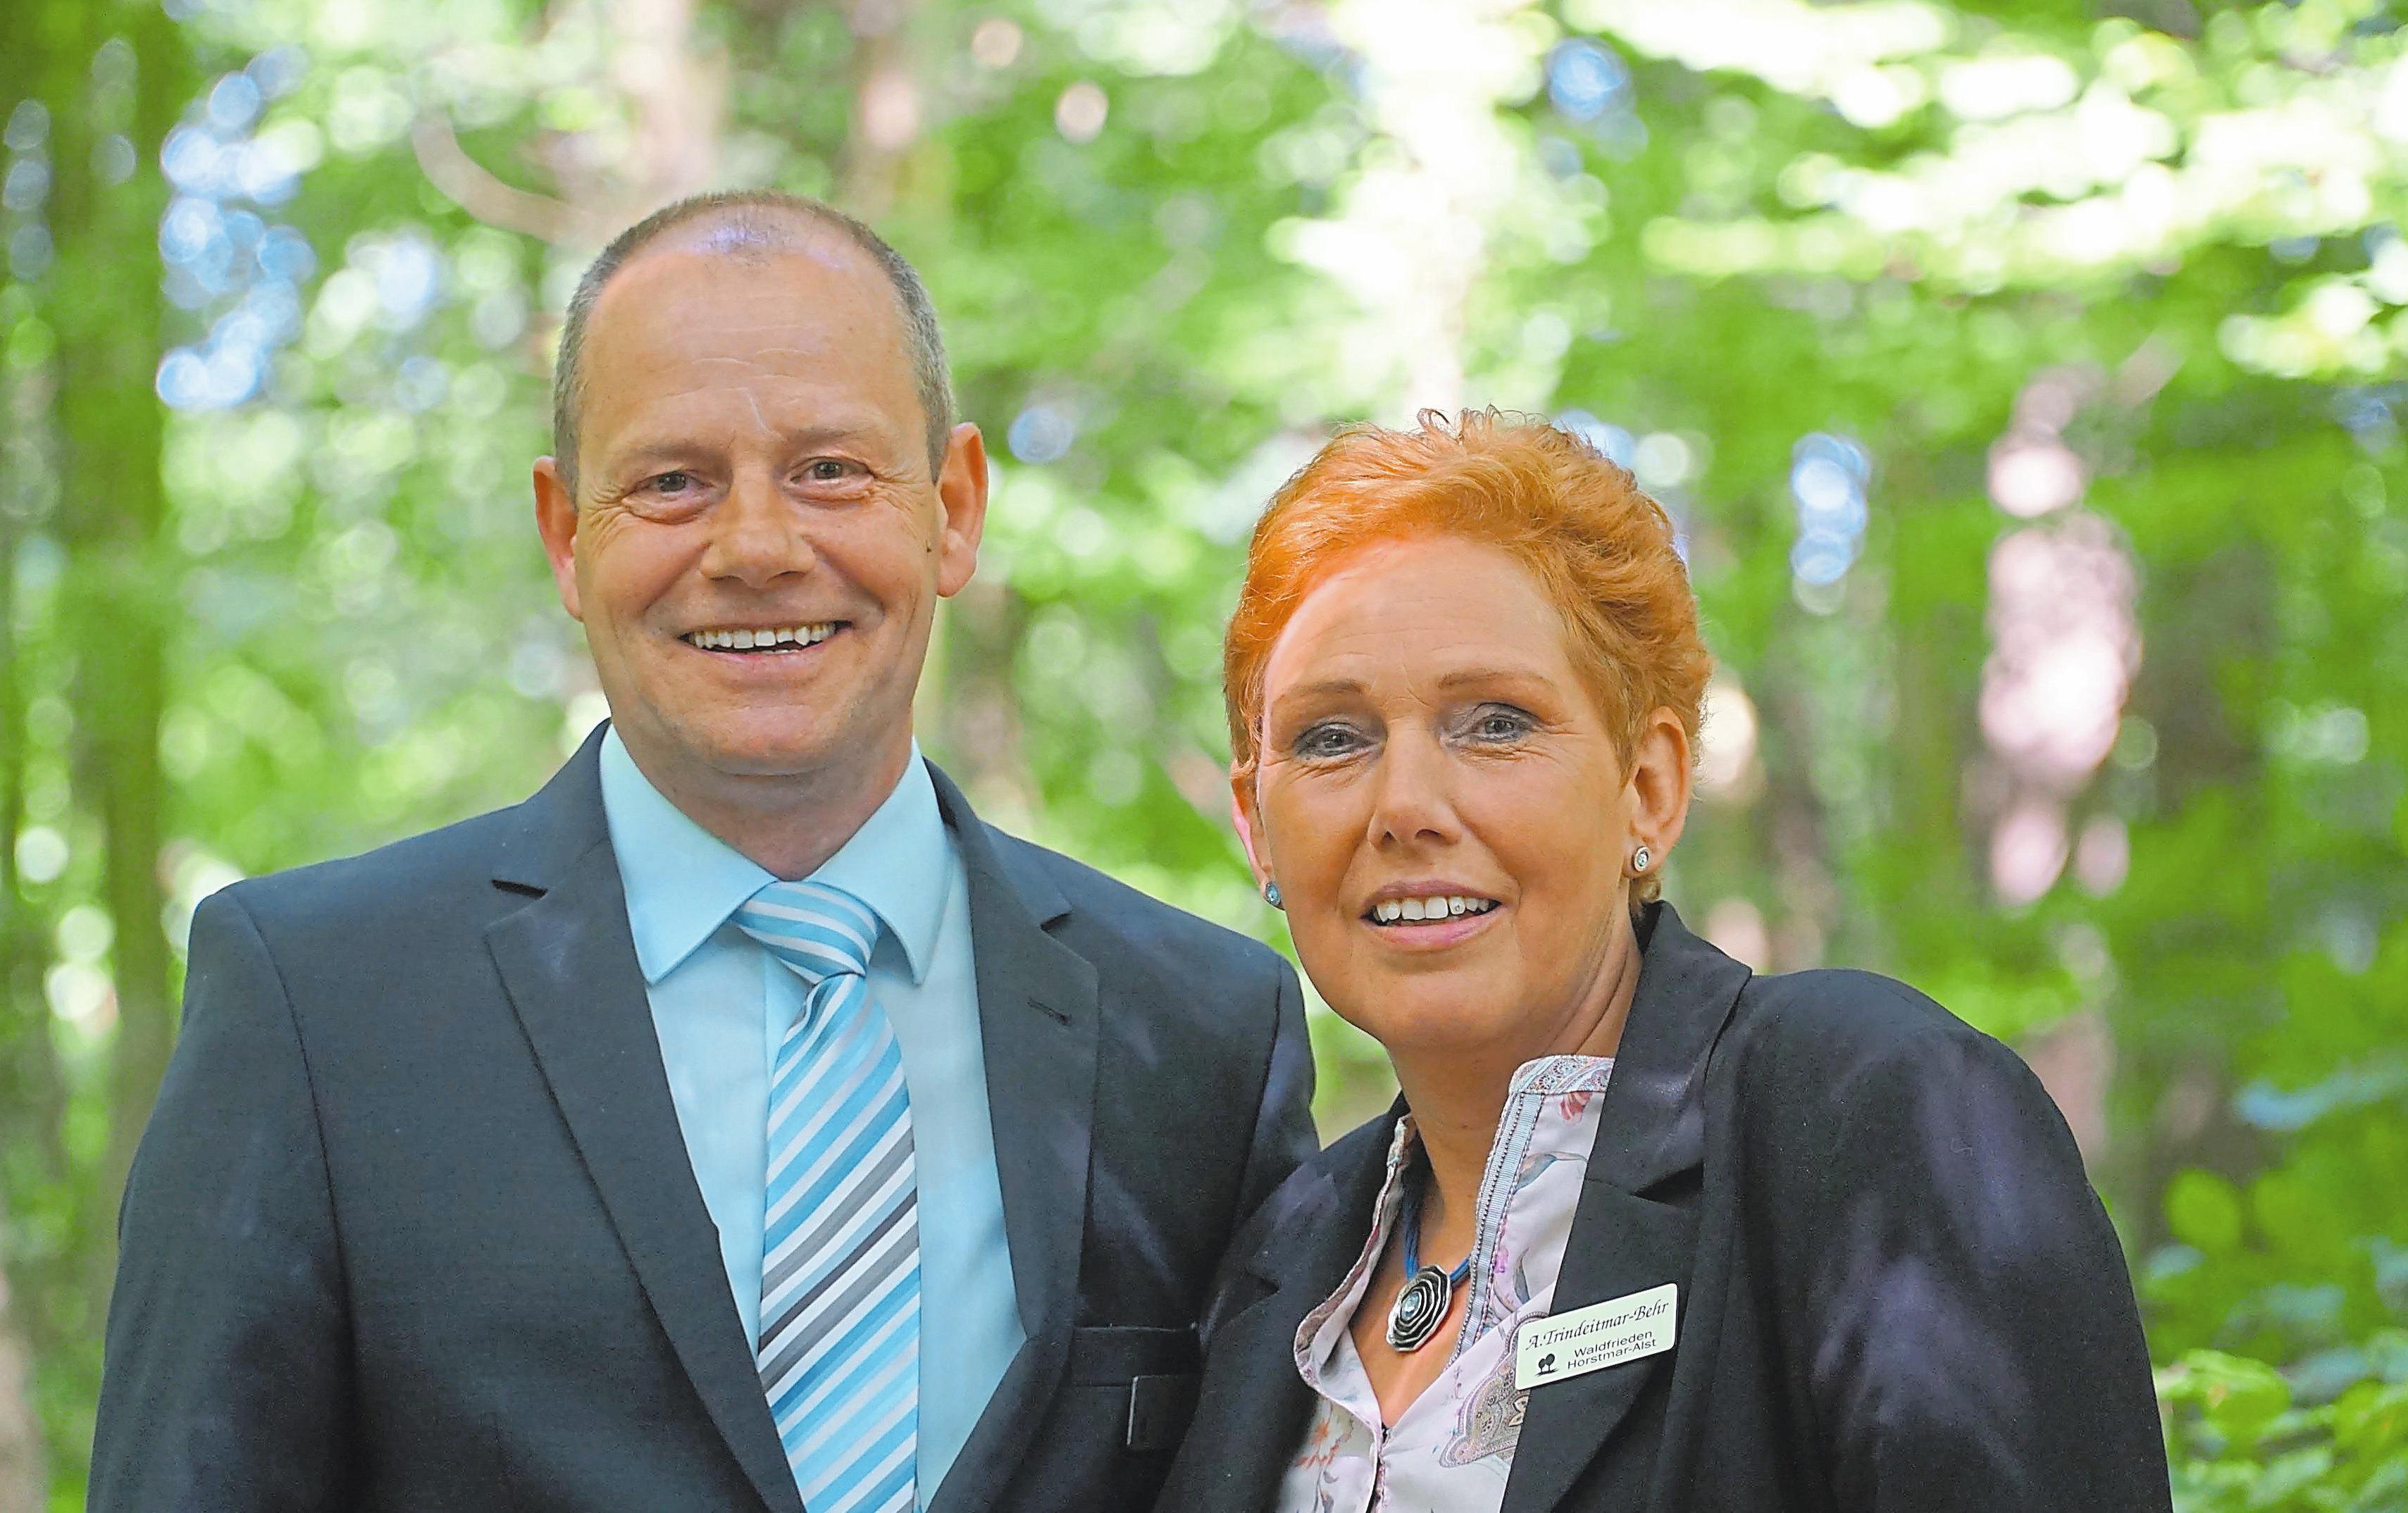 Anne Trindeitmar-Behr und Holger Behr begleiten ihre Kunden sehr einfühlsam. Foto: RED